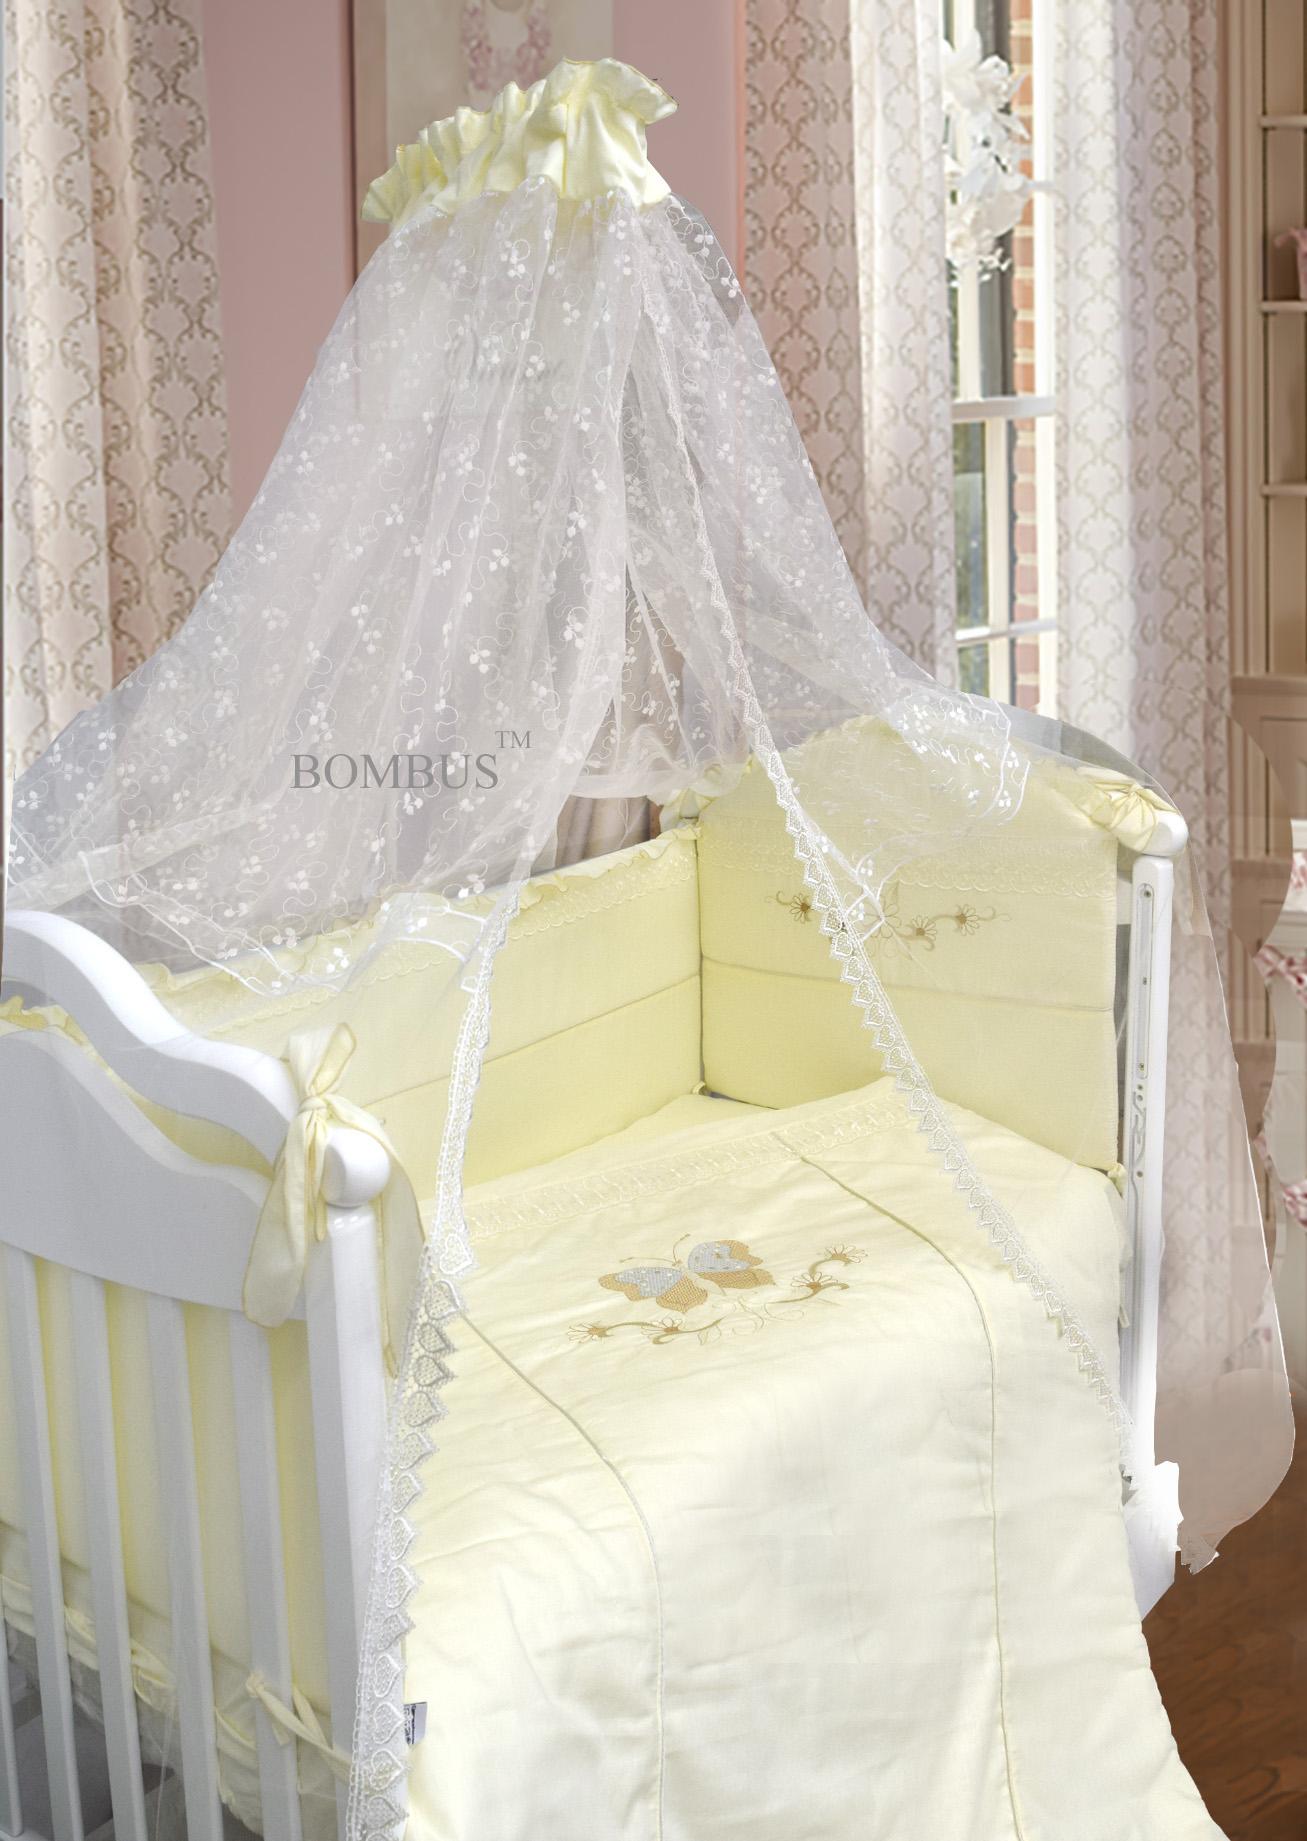 Комплект в кроватку - Абэль, сатин, 7 предметов, бежевыйДетское постельное белье<br>Комплект в кроватку - Абэль, сатин, 7 предметов, бежевый<br>